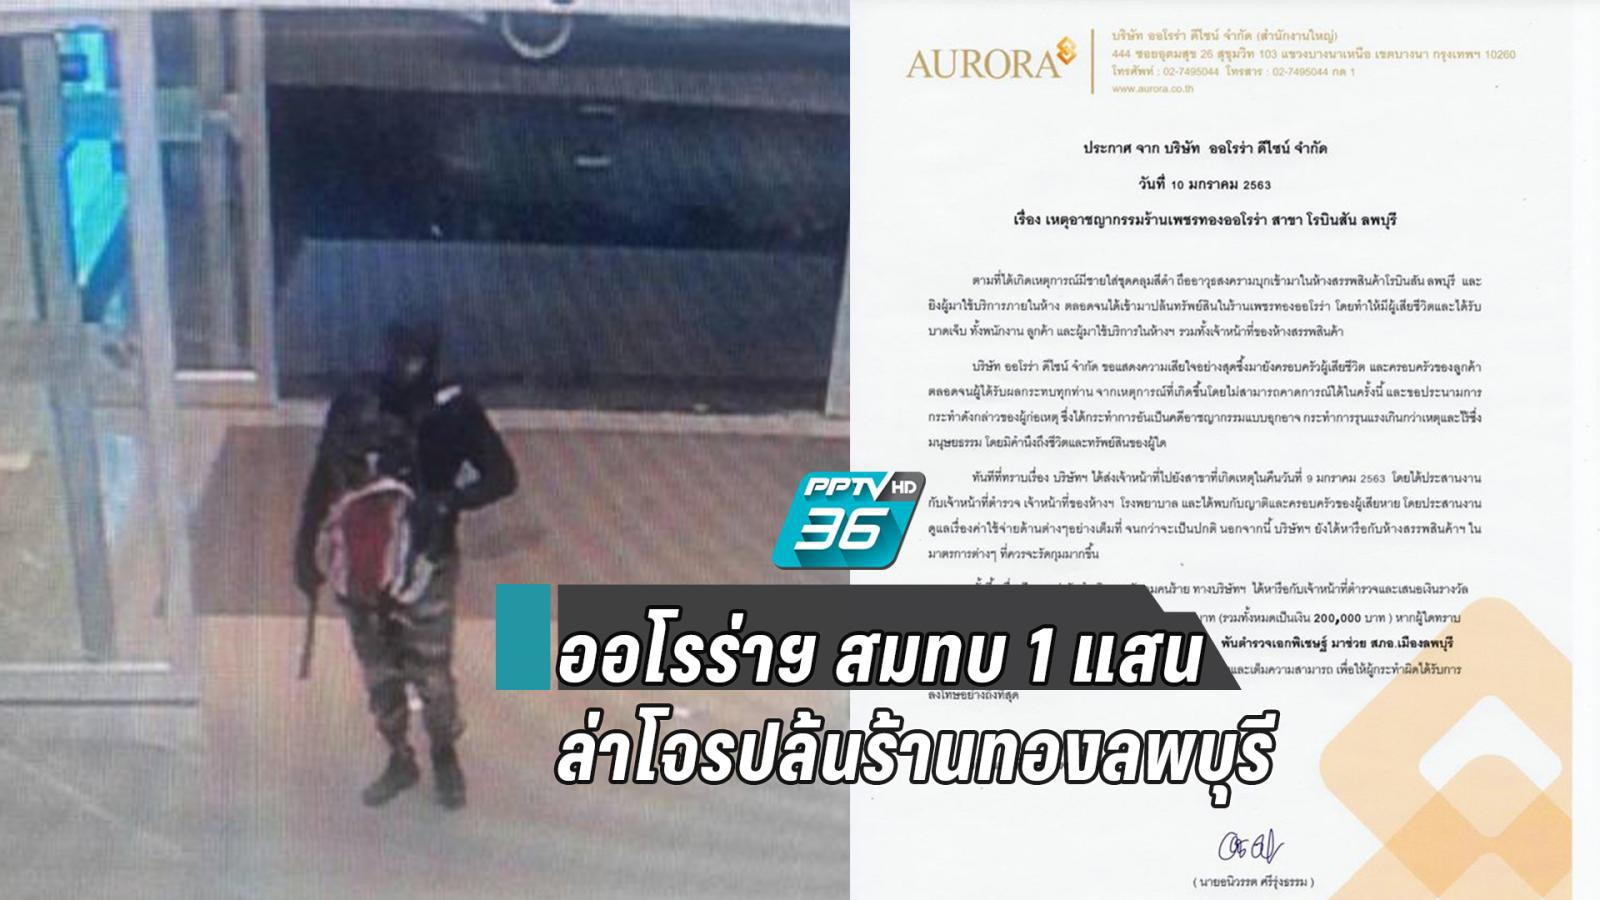 บริษัทออโรร่าฯ สมทบ 1 แสนบาท ล่าโจรโหดปล้นร้านทองลพบุรี